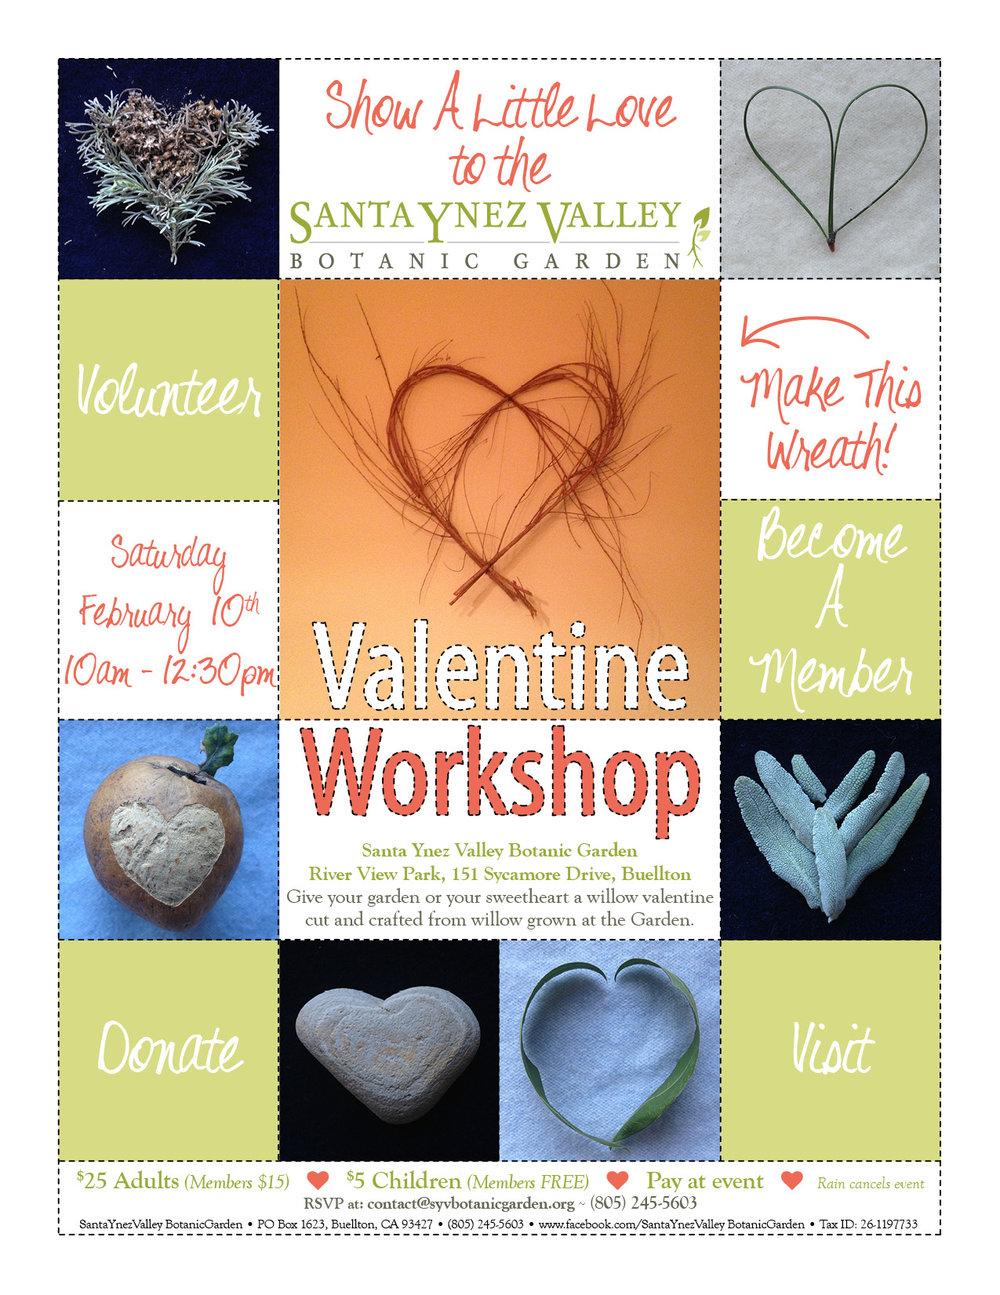 SYVBG_ValentineWorkshop2018.jpg